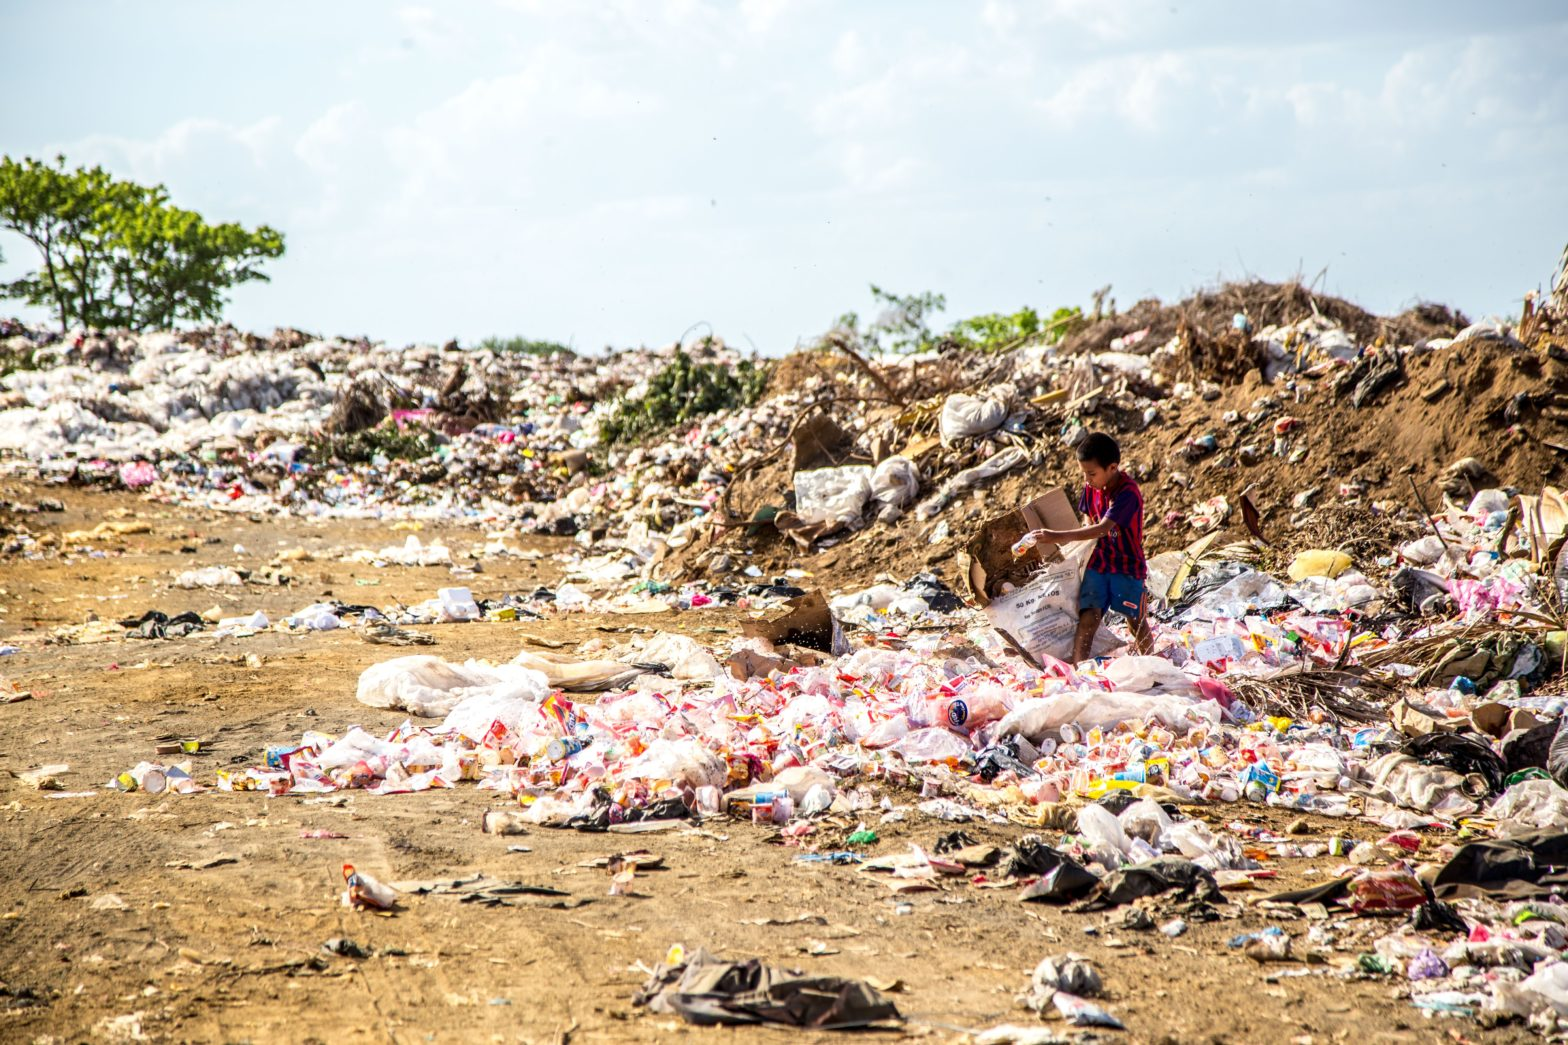 Müllberge auf welche ein Kind Plastik sammelt